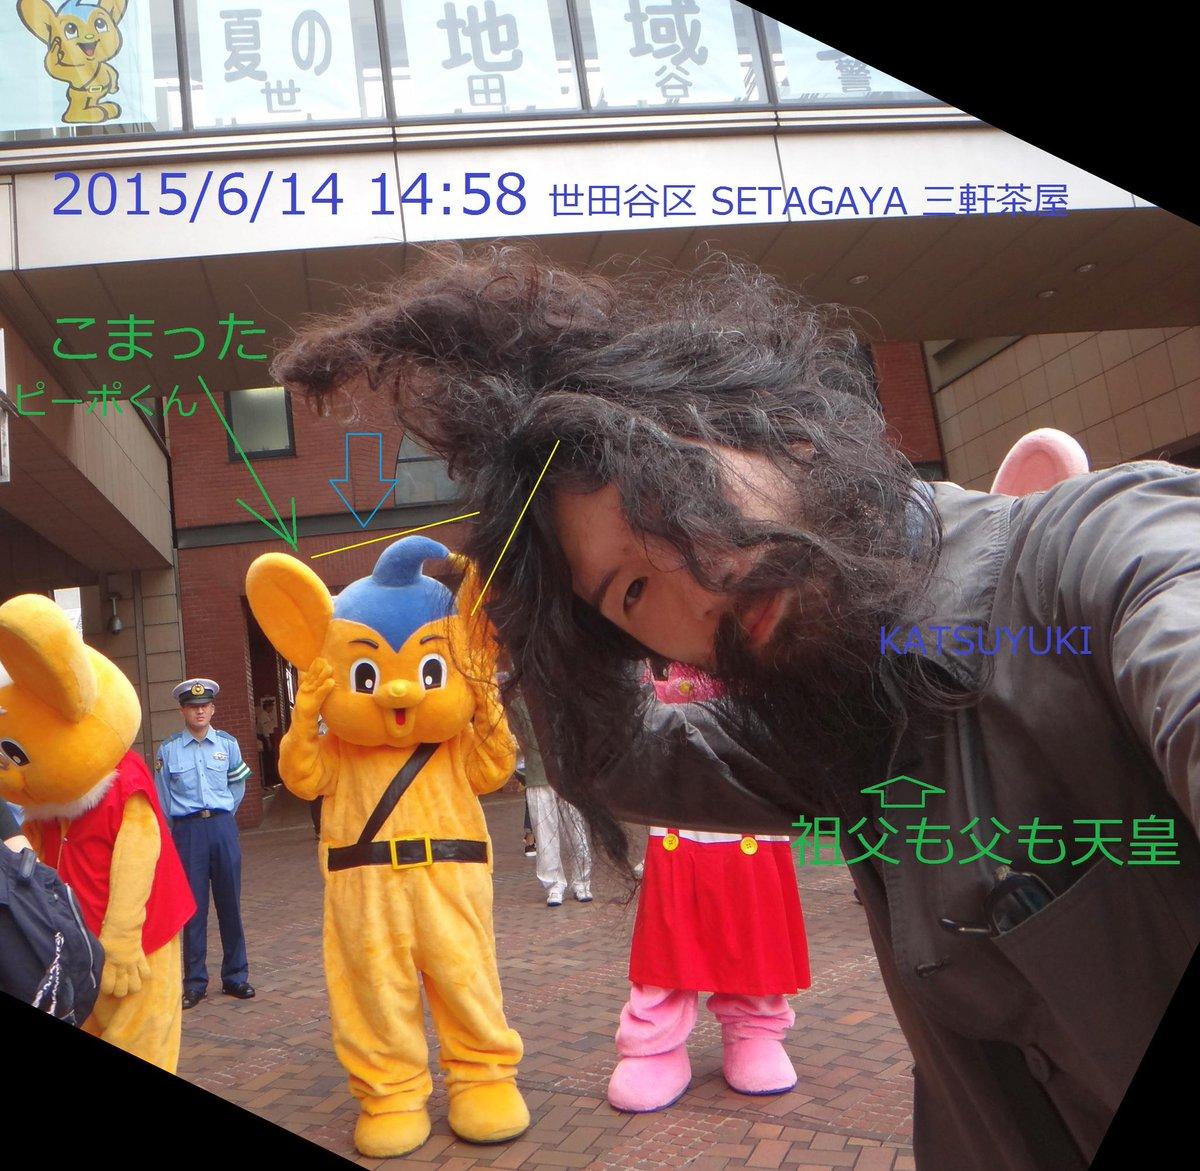 武壇2ちゃんねる分壇 阿修羅 [転載禁止]©2ch.net YouTube動画>74本 ->画像>133枚